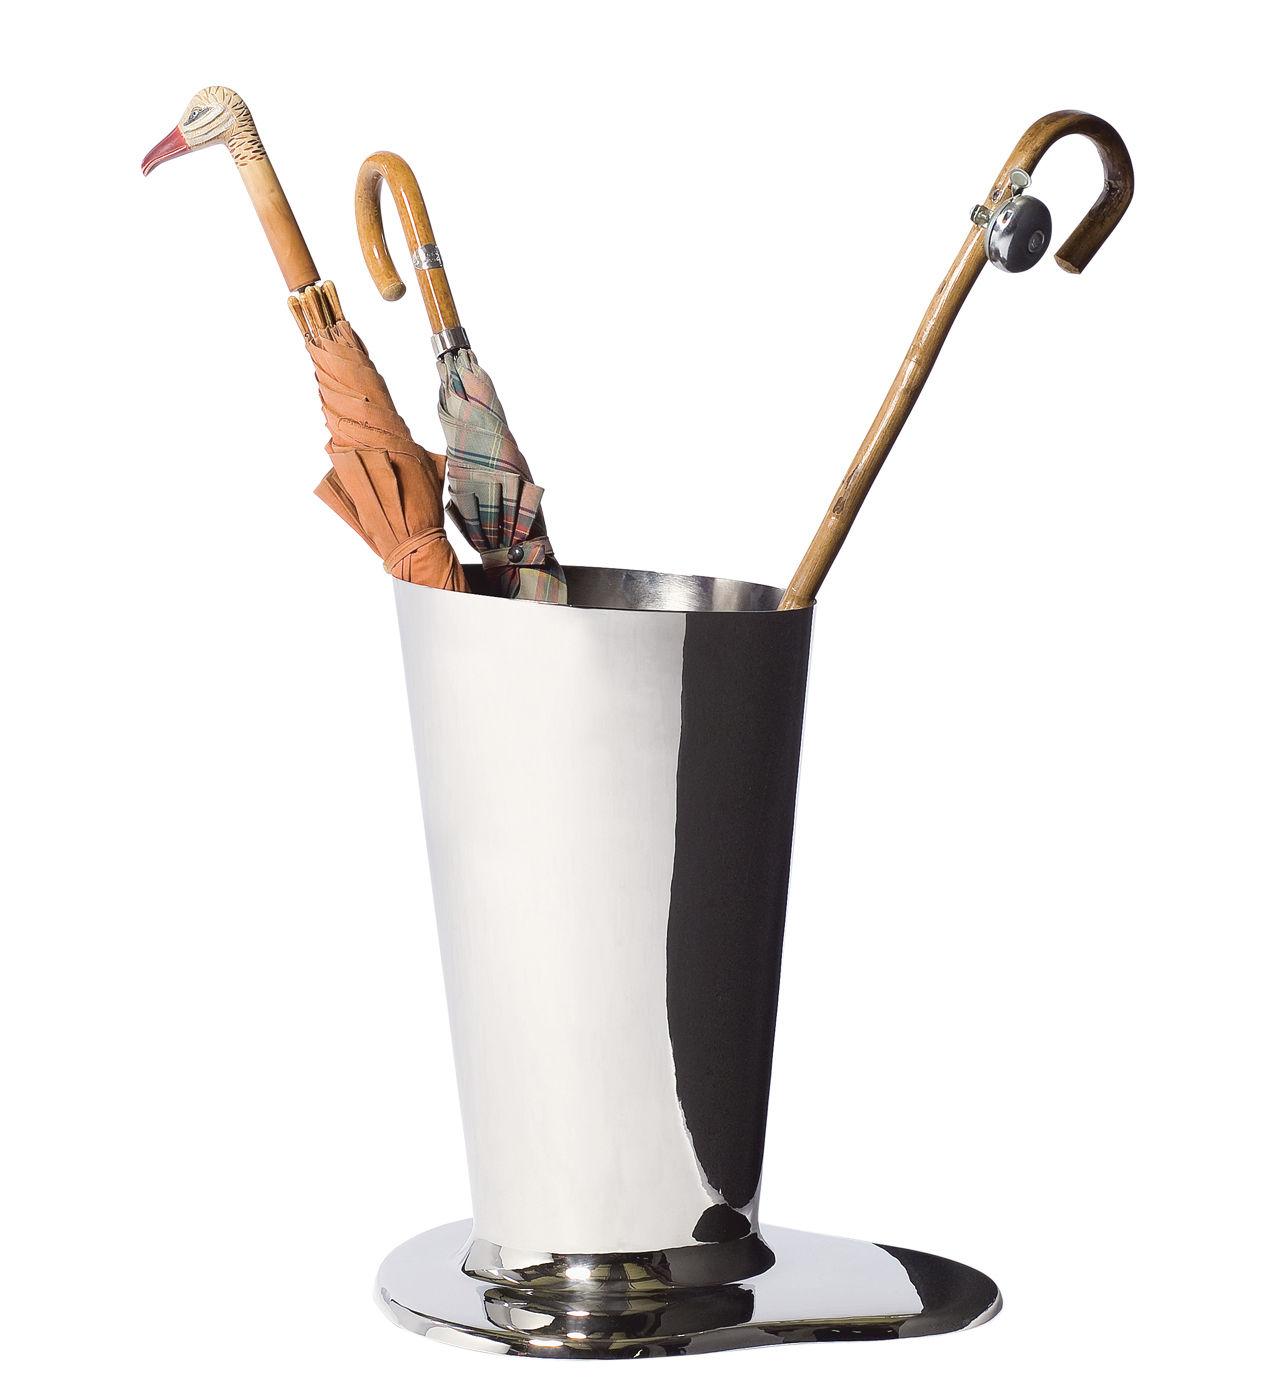 Puddle Big Vase - Vase/umbrella stand H 52 cm H 52 cm